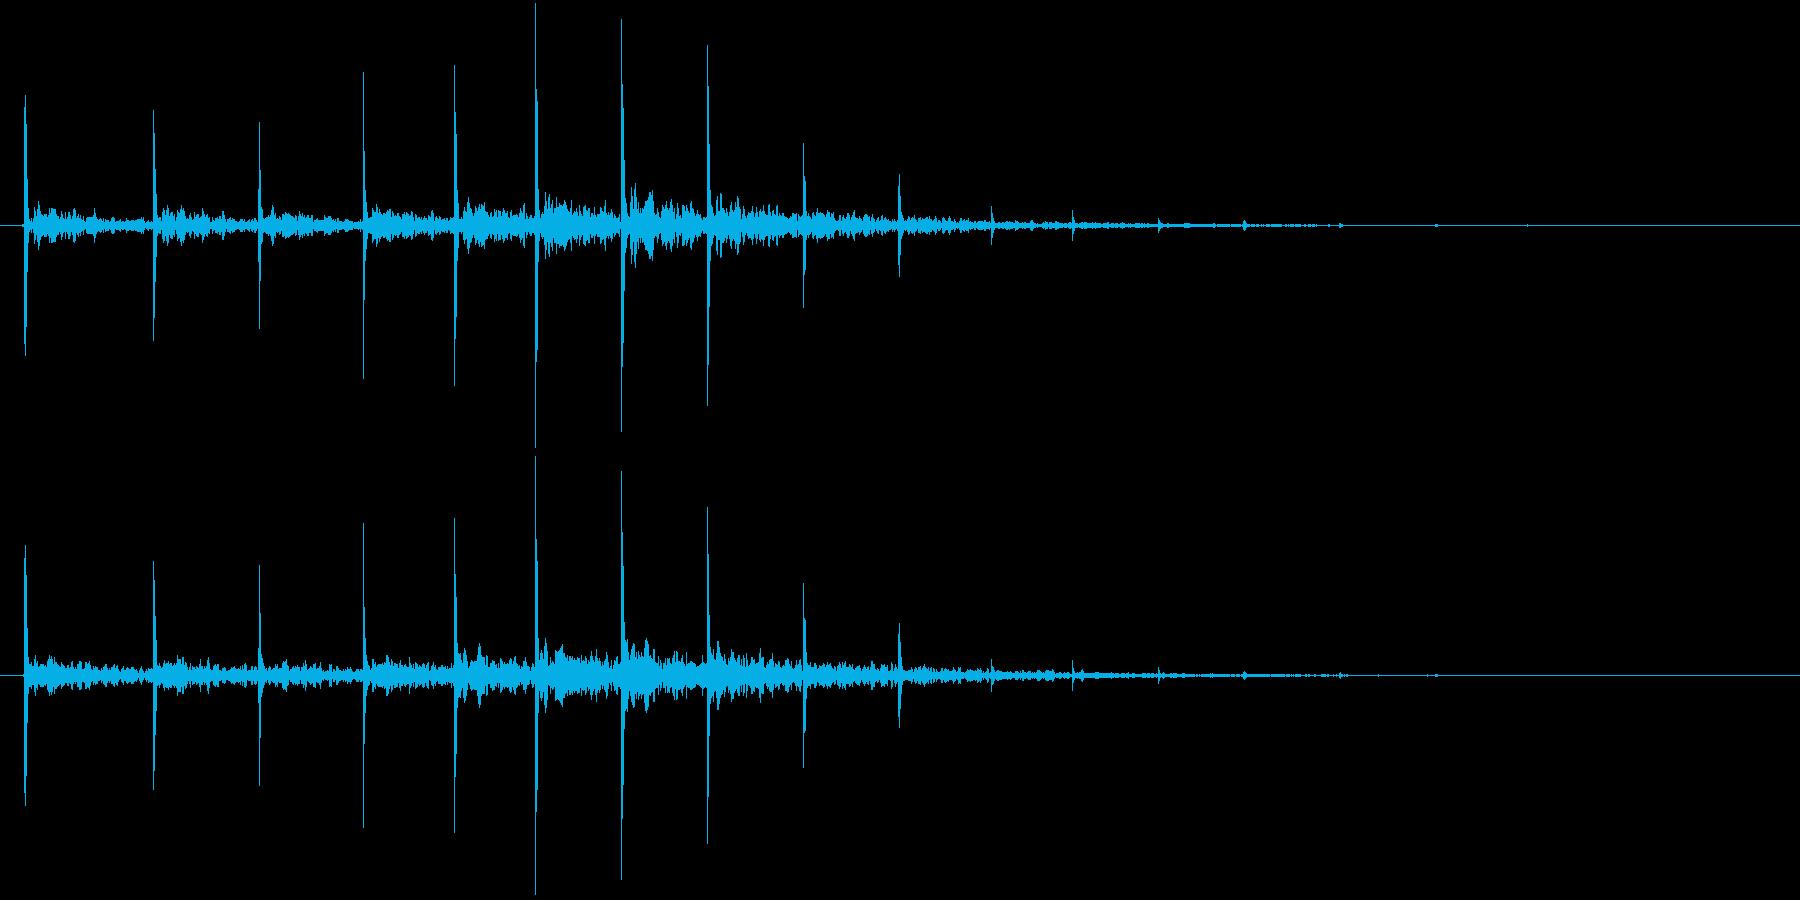 「トントン・・・」石のししおどしリバーブの再生済みの波形